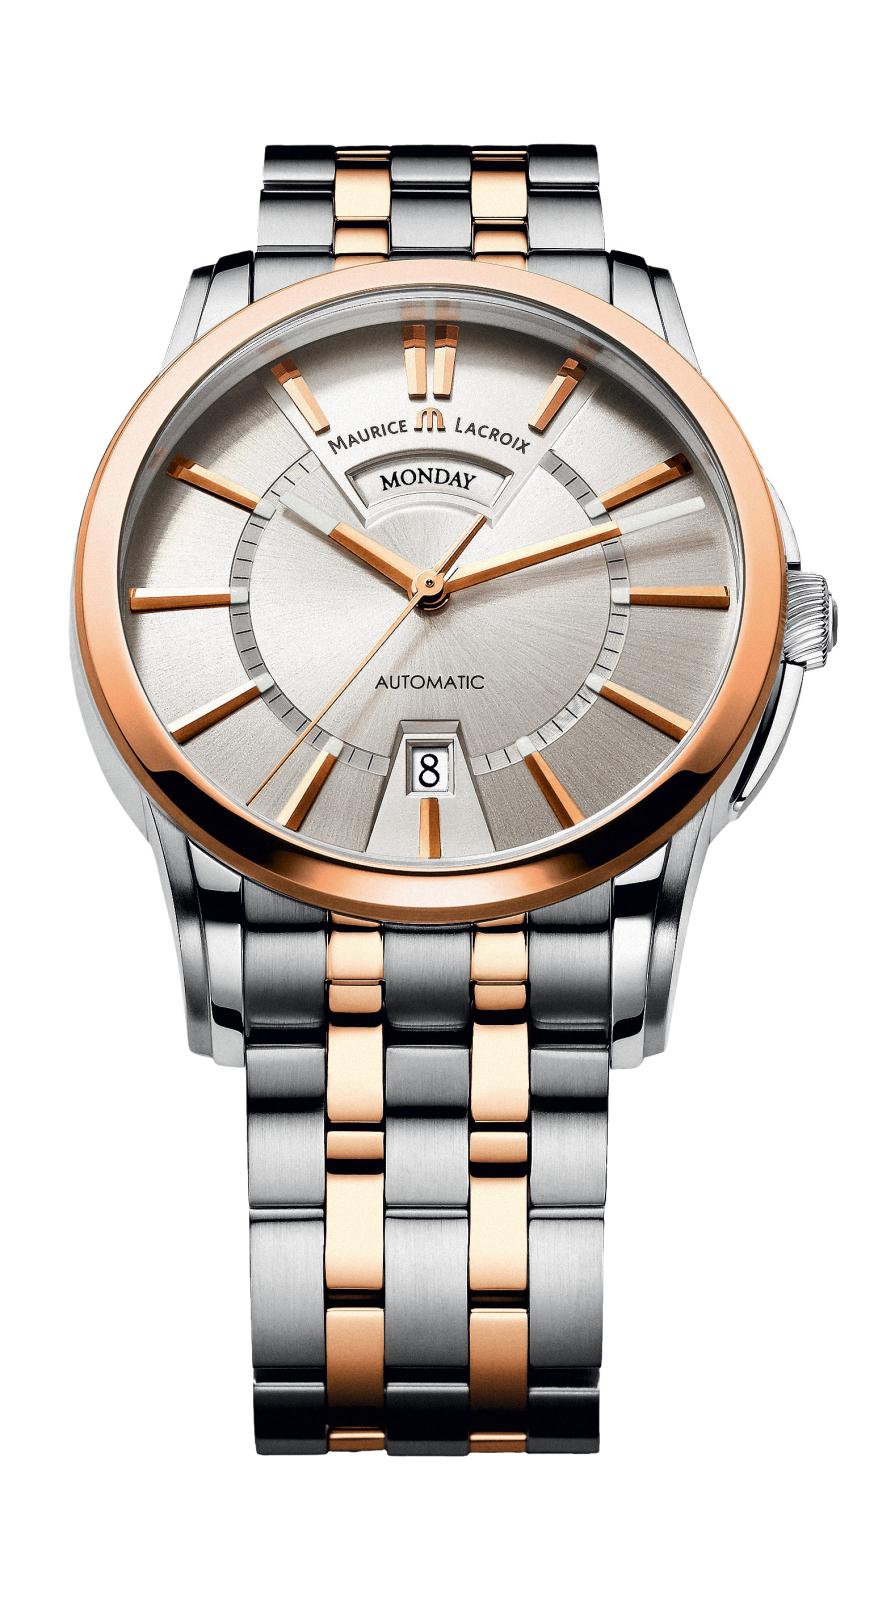 Maurice Lacroix PT6158-PS103-13E-1Наручные часы<br>Швейцарские часы Maurice LacroixPontos Day/DatePT6158-PS103-13E-1Представленная модель входит в коллекцию Pontos Day/Date. Это мужские часы. Материал корпуса часов — сталь, вставки с золотым PVD покрытием. Циферблат часов защищает сапфировое стекло. Часы этой модели обладают водозащитой 50 м. В этих часах используются такие усложнения дата и день недели. Часы обладают корпусом 40 мм.<br><br>Пол: Мужские<br>Страна-производитель: Швейцария<br>Механизм: Механический<br>Материал корпуса: Сталь<br>Материал ремня/браслета: Сталь<br>Водозащита, диапазон: 20 - 100 м<br>Стекло: Сапфировое<br>Толщина корпуса: None<br>Стиль: Классика